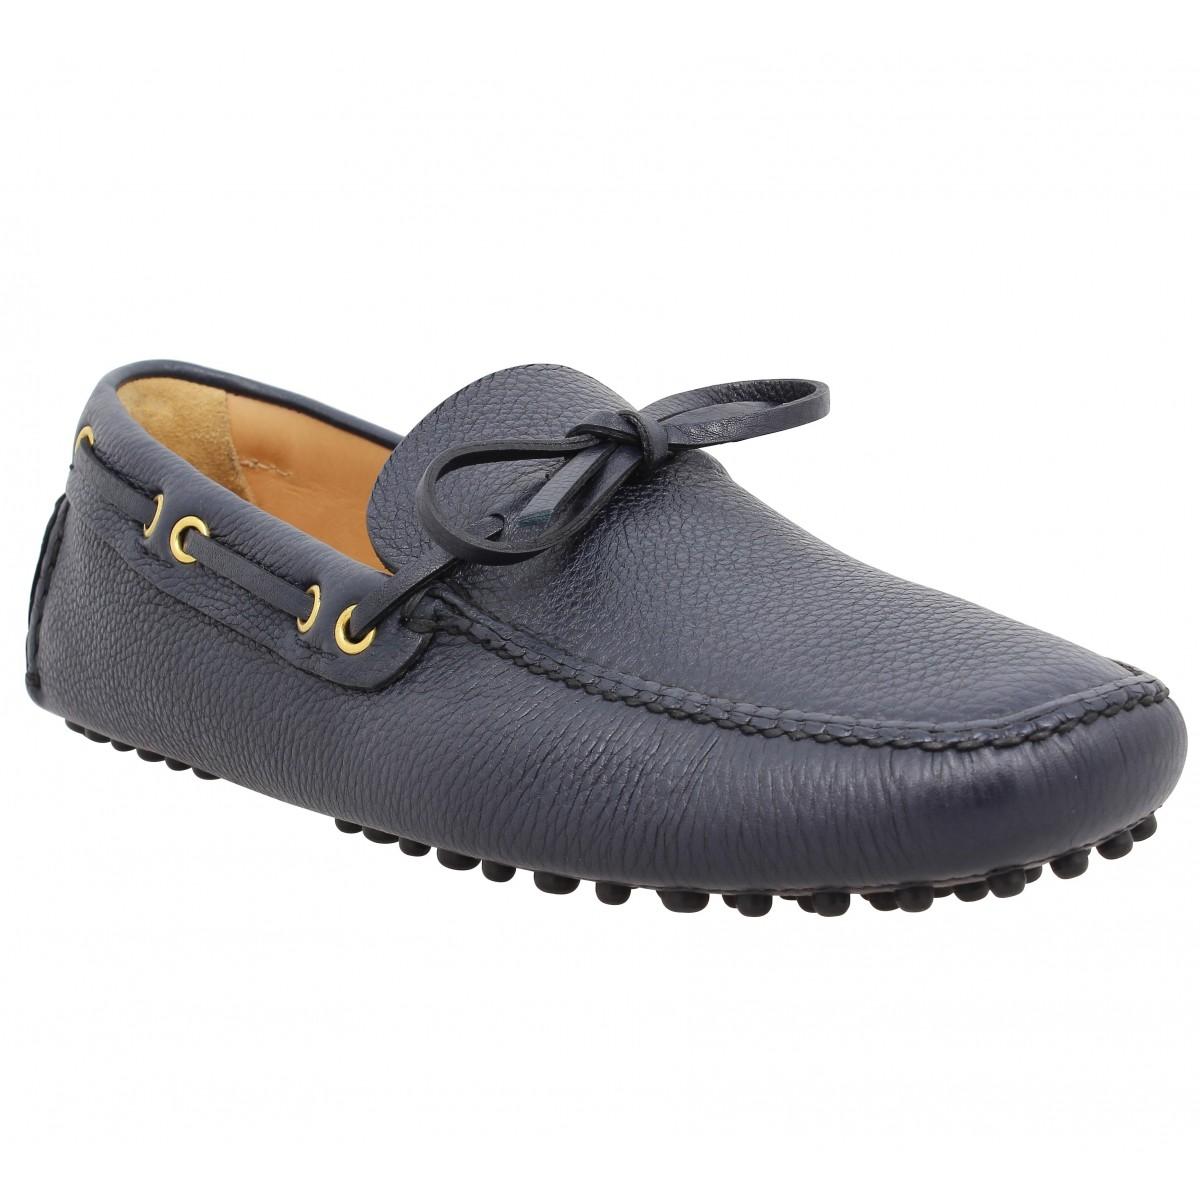 Car shoe driving shoes cuir graine homme bleu homme   Fanny chaussures 26d77e61f843